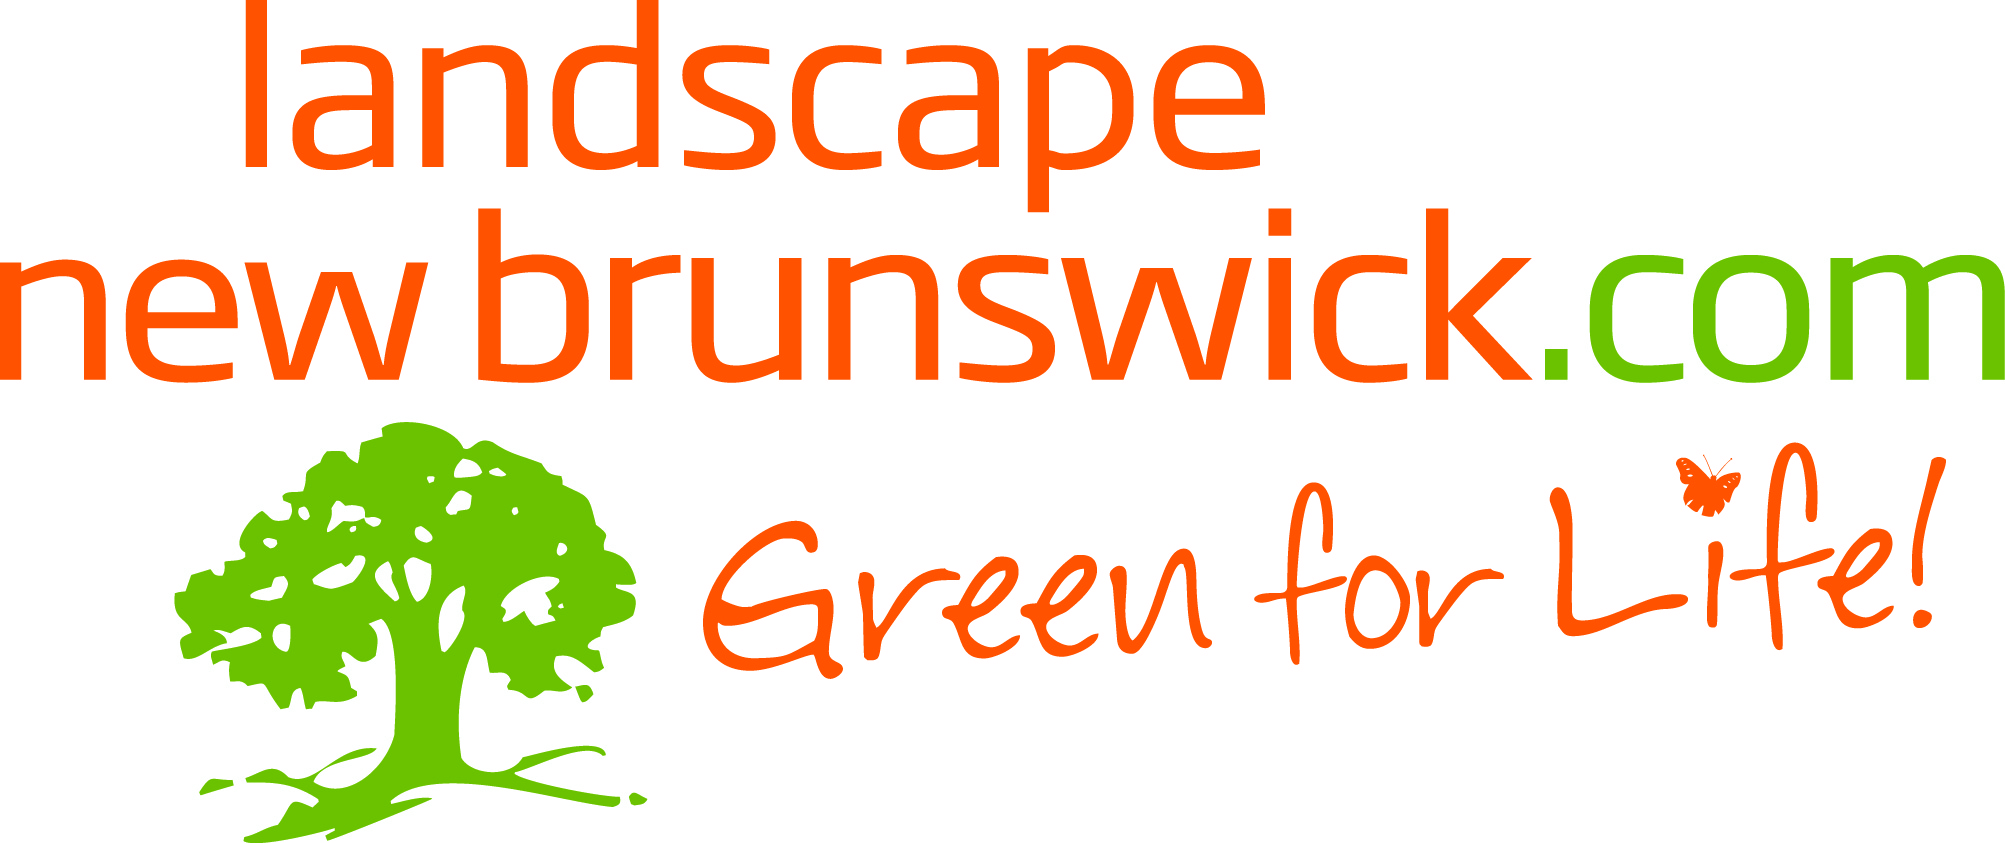 Landscape NB Green for Life tree jpg-1